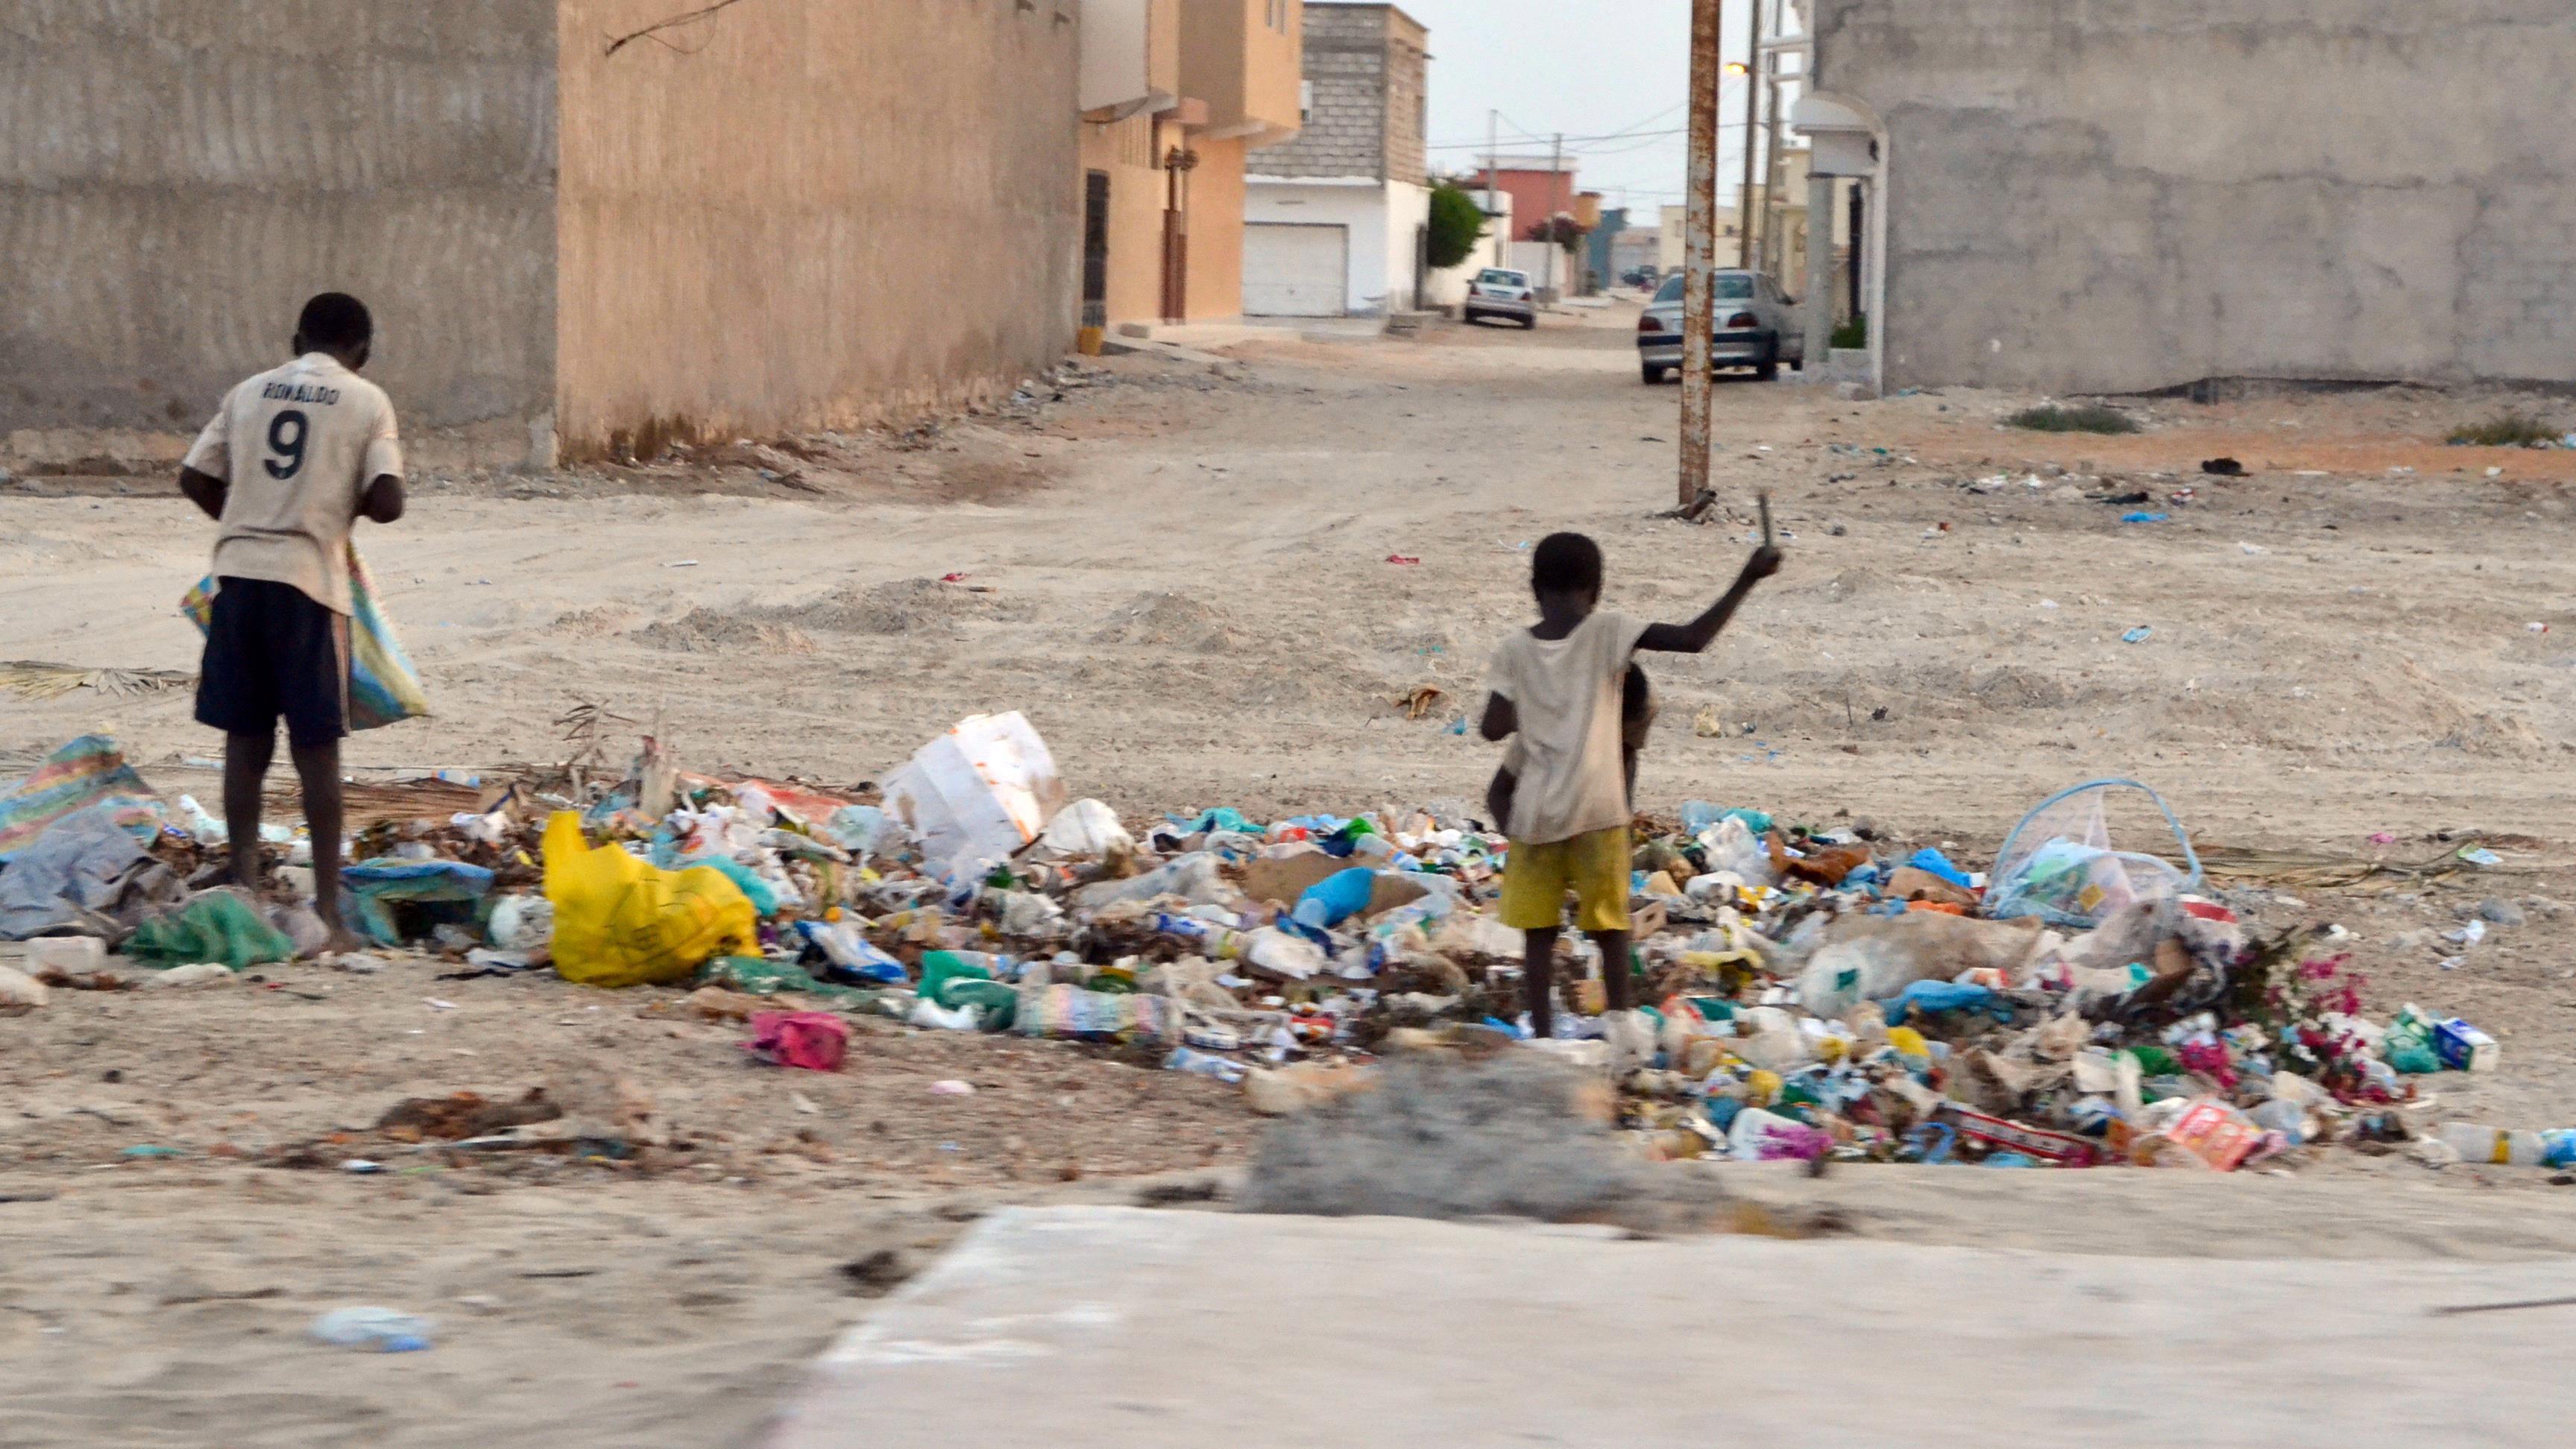 Dans un quartier populaire de Nouakchott, des enfants fouillent dans les poubelles.